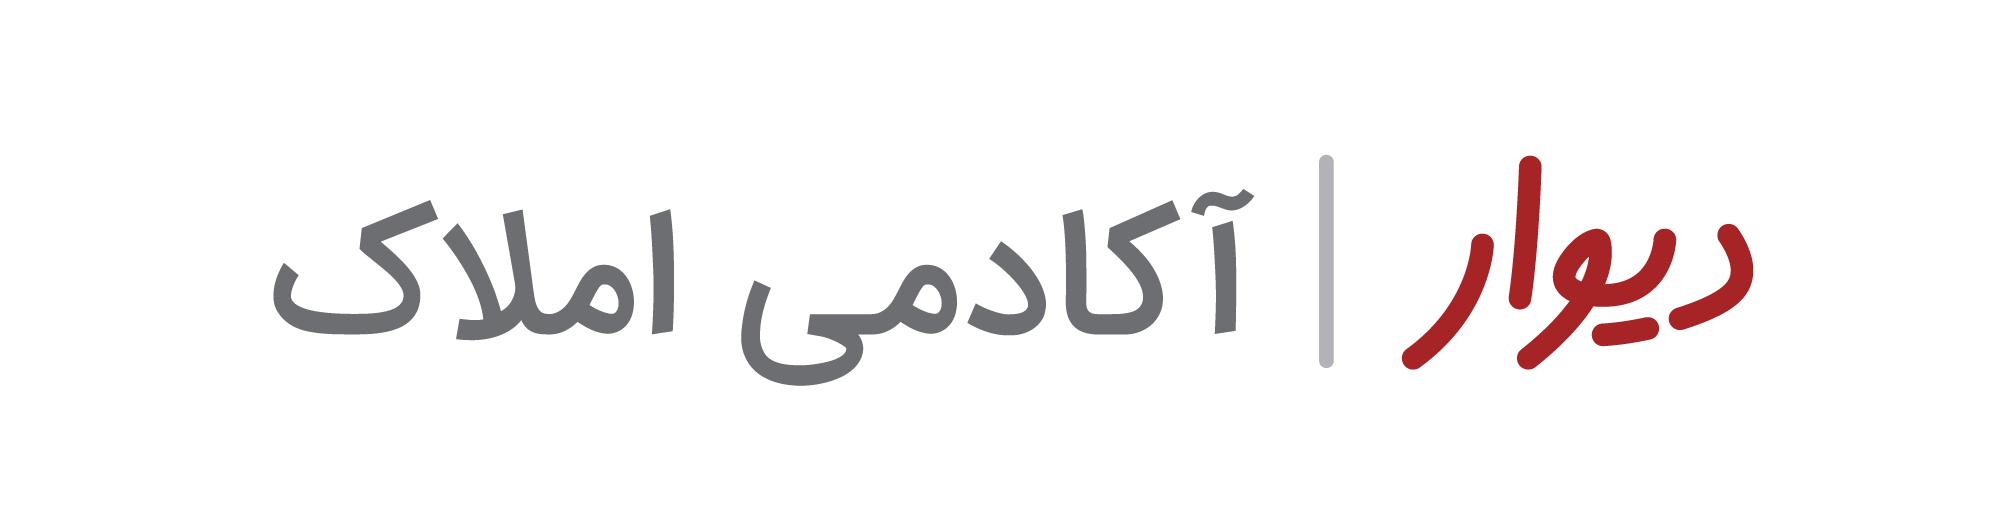 آکادمی املاک دیوار - مرجع علمی آموزش مشاوره املاک و مدیریت آژانس املاک